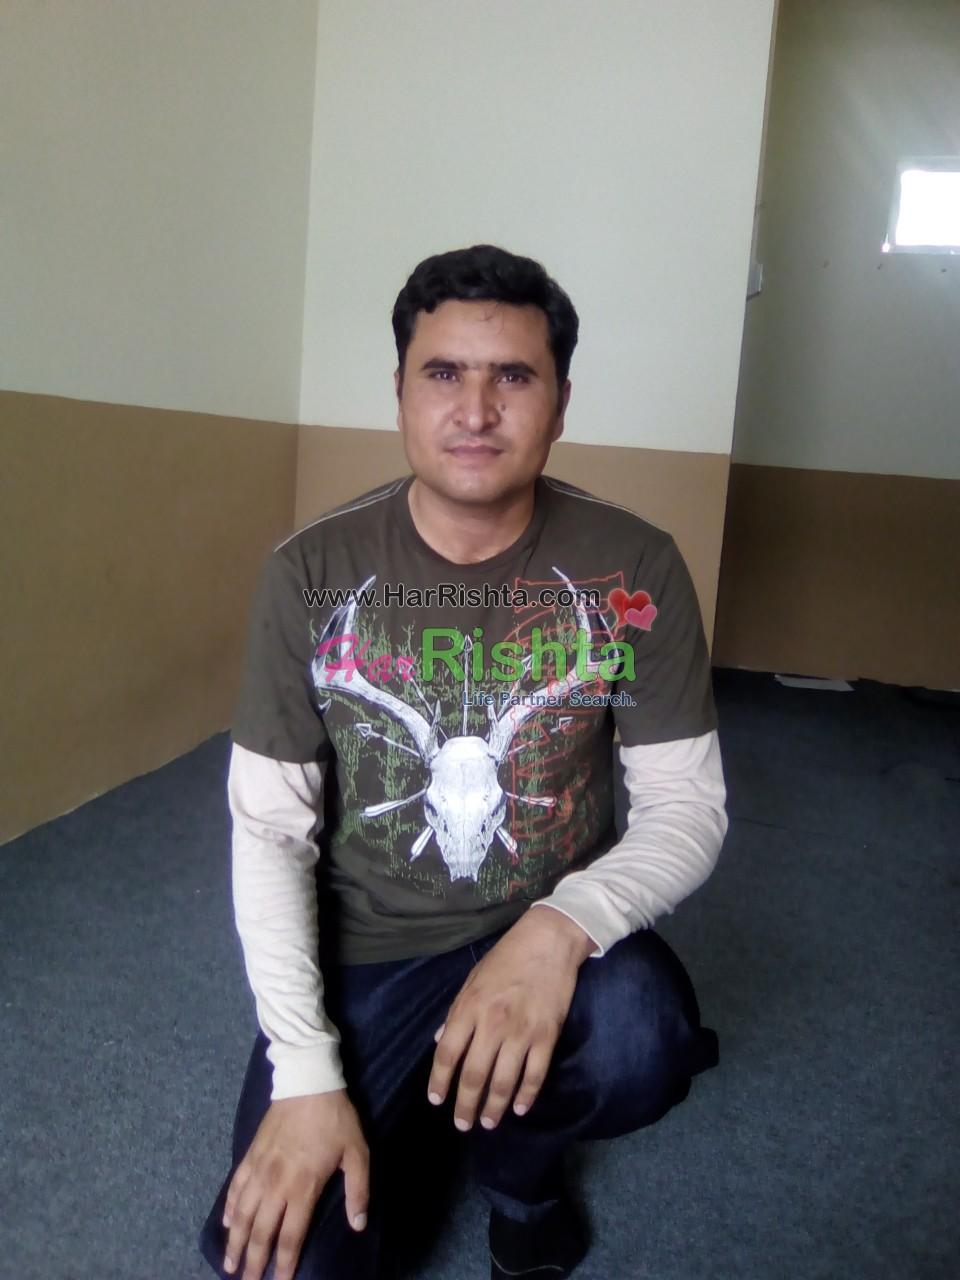 Sheikh Boy Rishta in Mardan